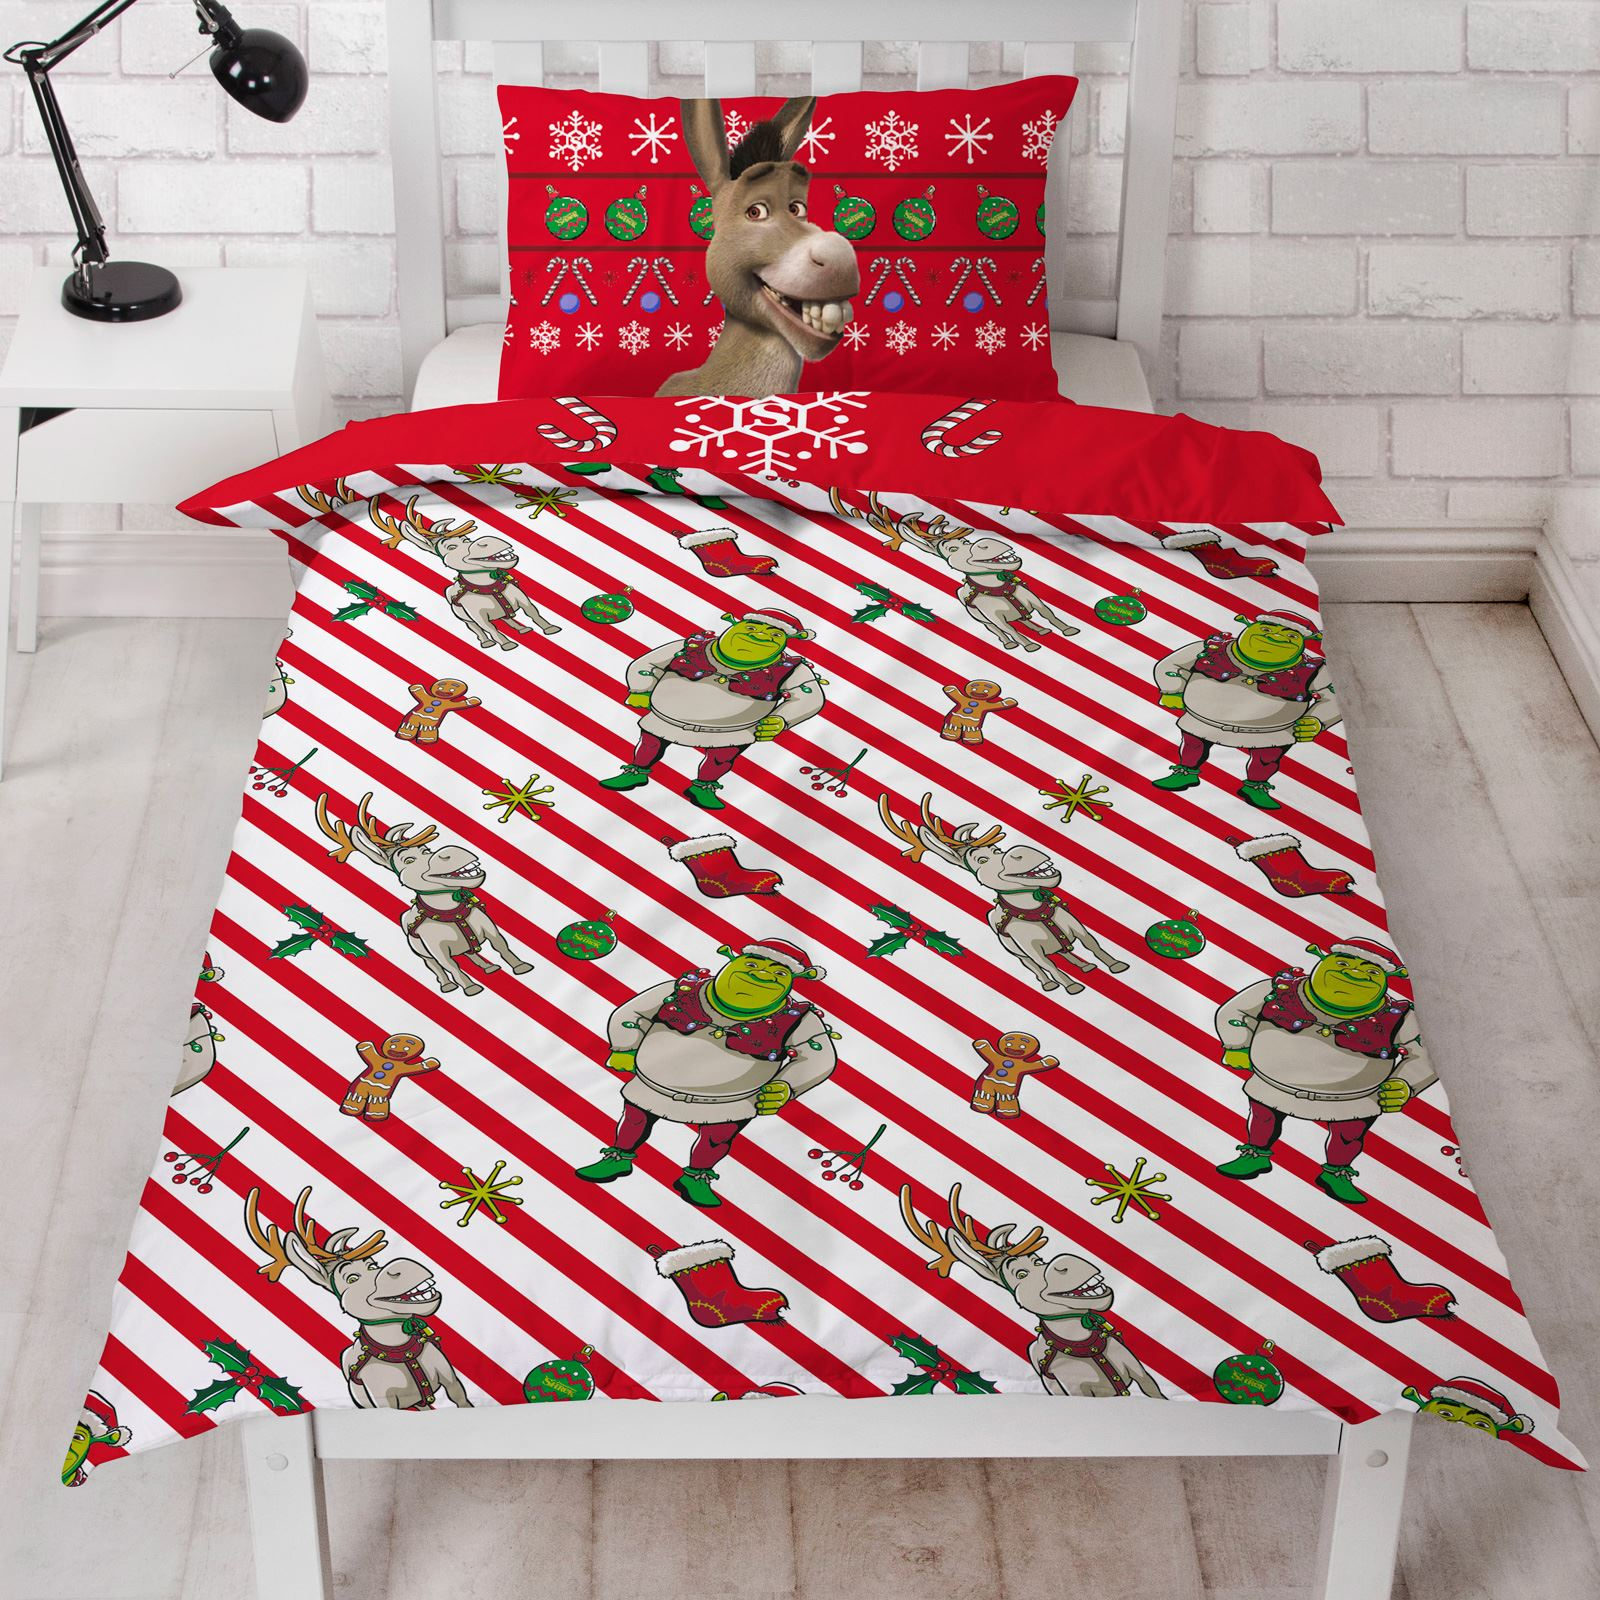 Indexbild 49 - Kinder Weihnachten Bettbezug Sets - Junior Einzel Doppel King - Elf Emoji Grinch